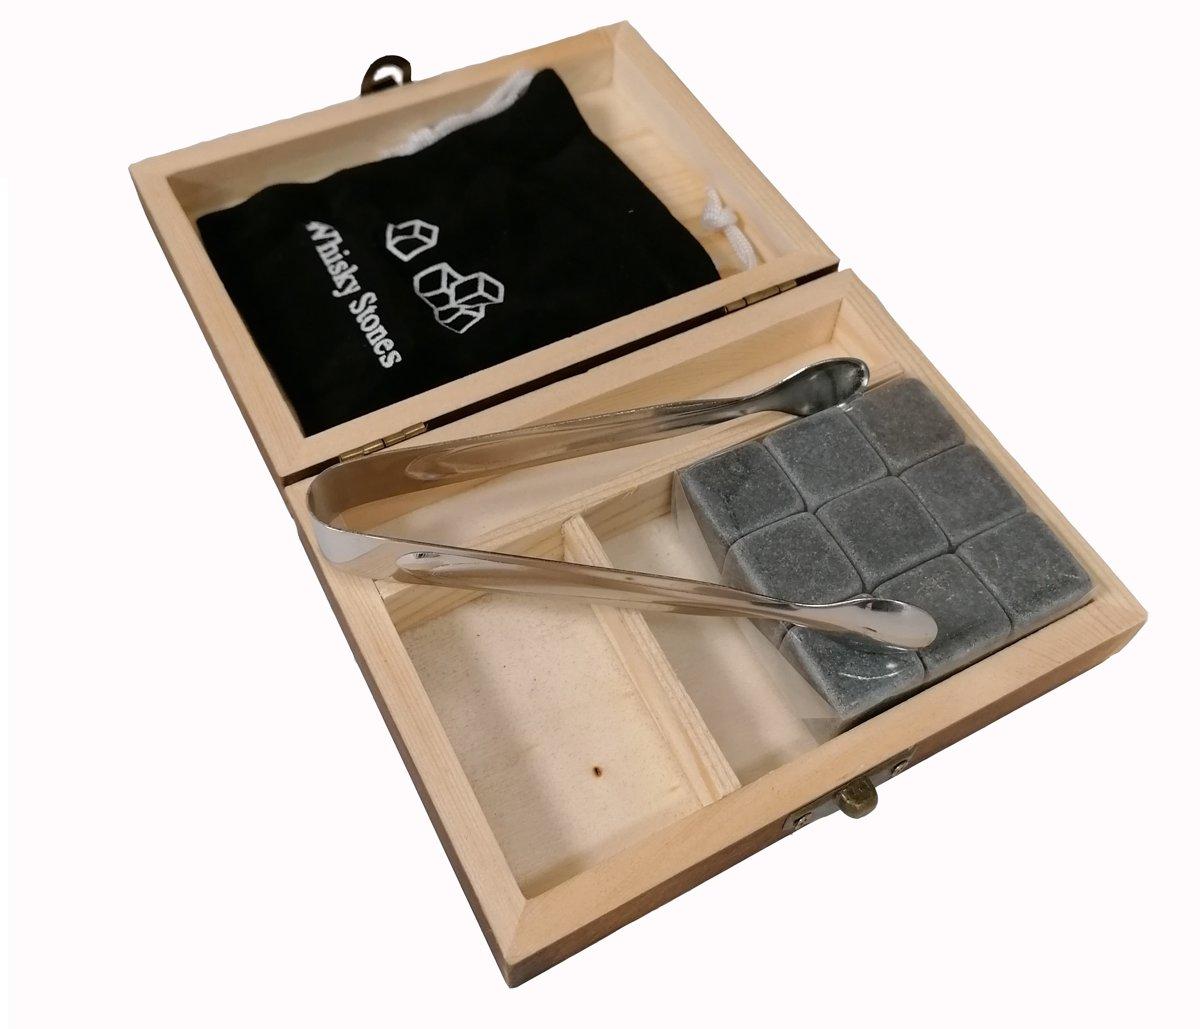 Aretica Whiskey Stones Gift box / Voor een echte whiskey on the rocks / Herbruikbare natuurstenen ijsblokjes / Ice cubes / Cadeau set in houten doosje / Ijsklontjes van steen - Set van 9 stuks kopen